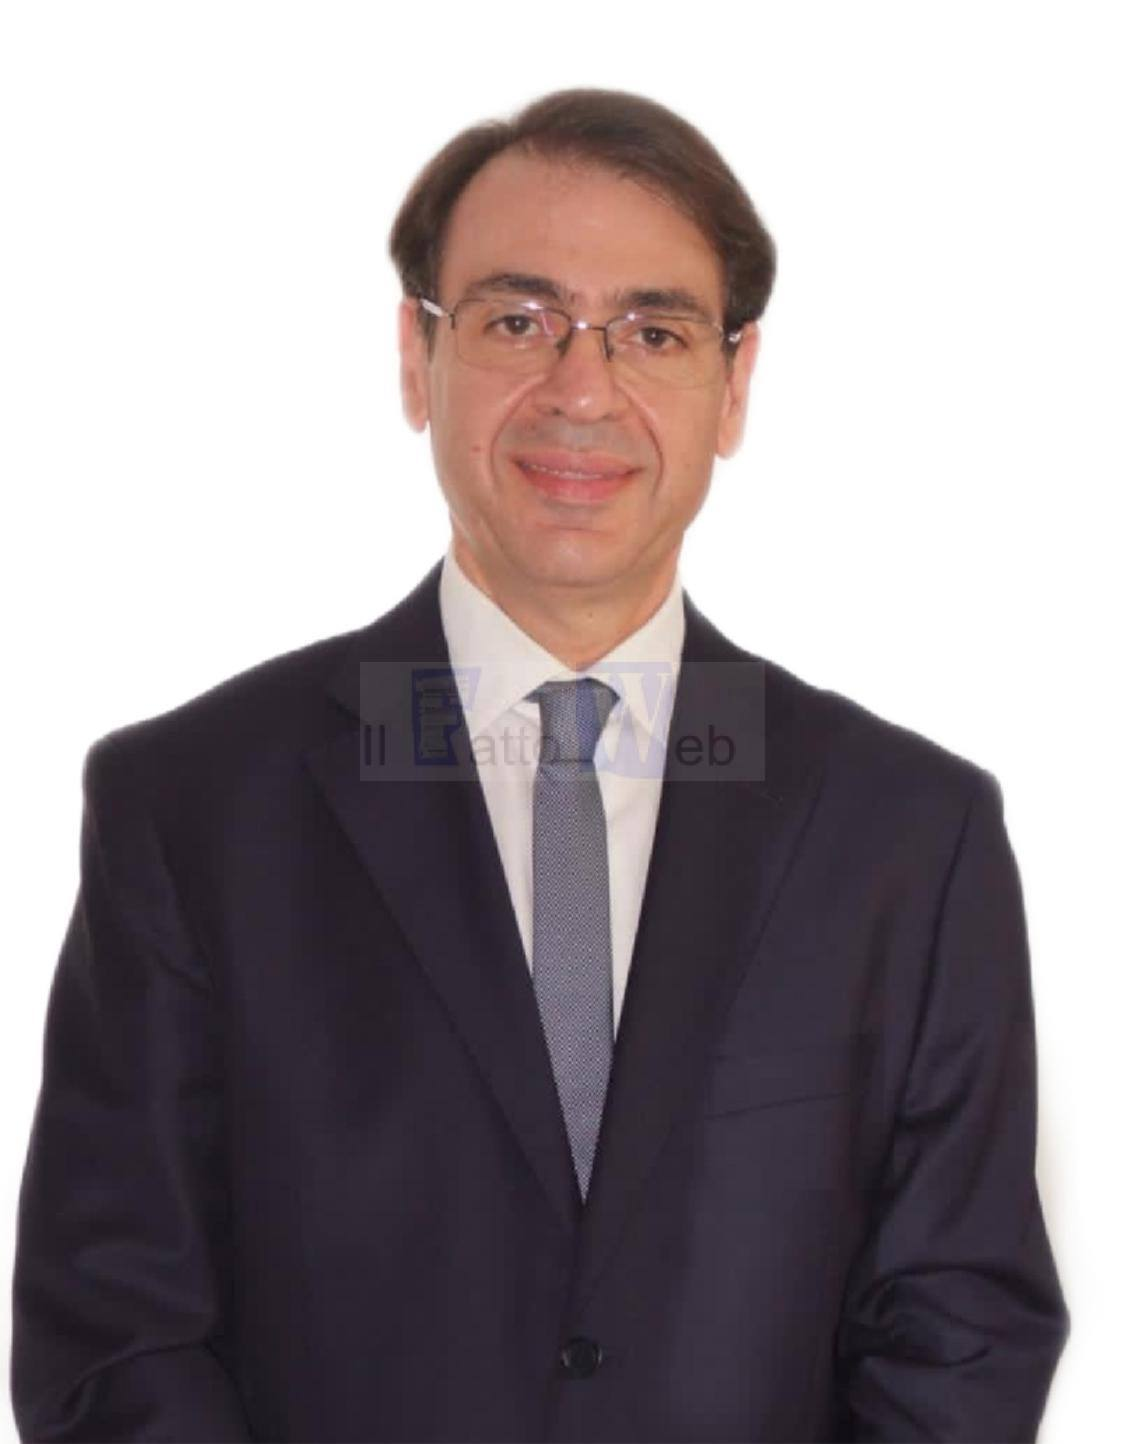 Carlo Maccarrone è il neo responsabile attività sociali e terzo settore  della DC